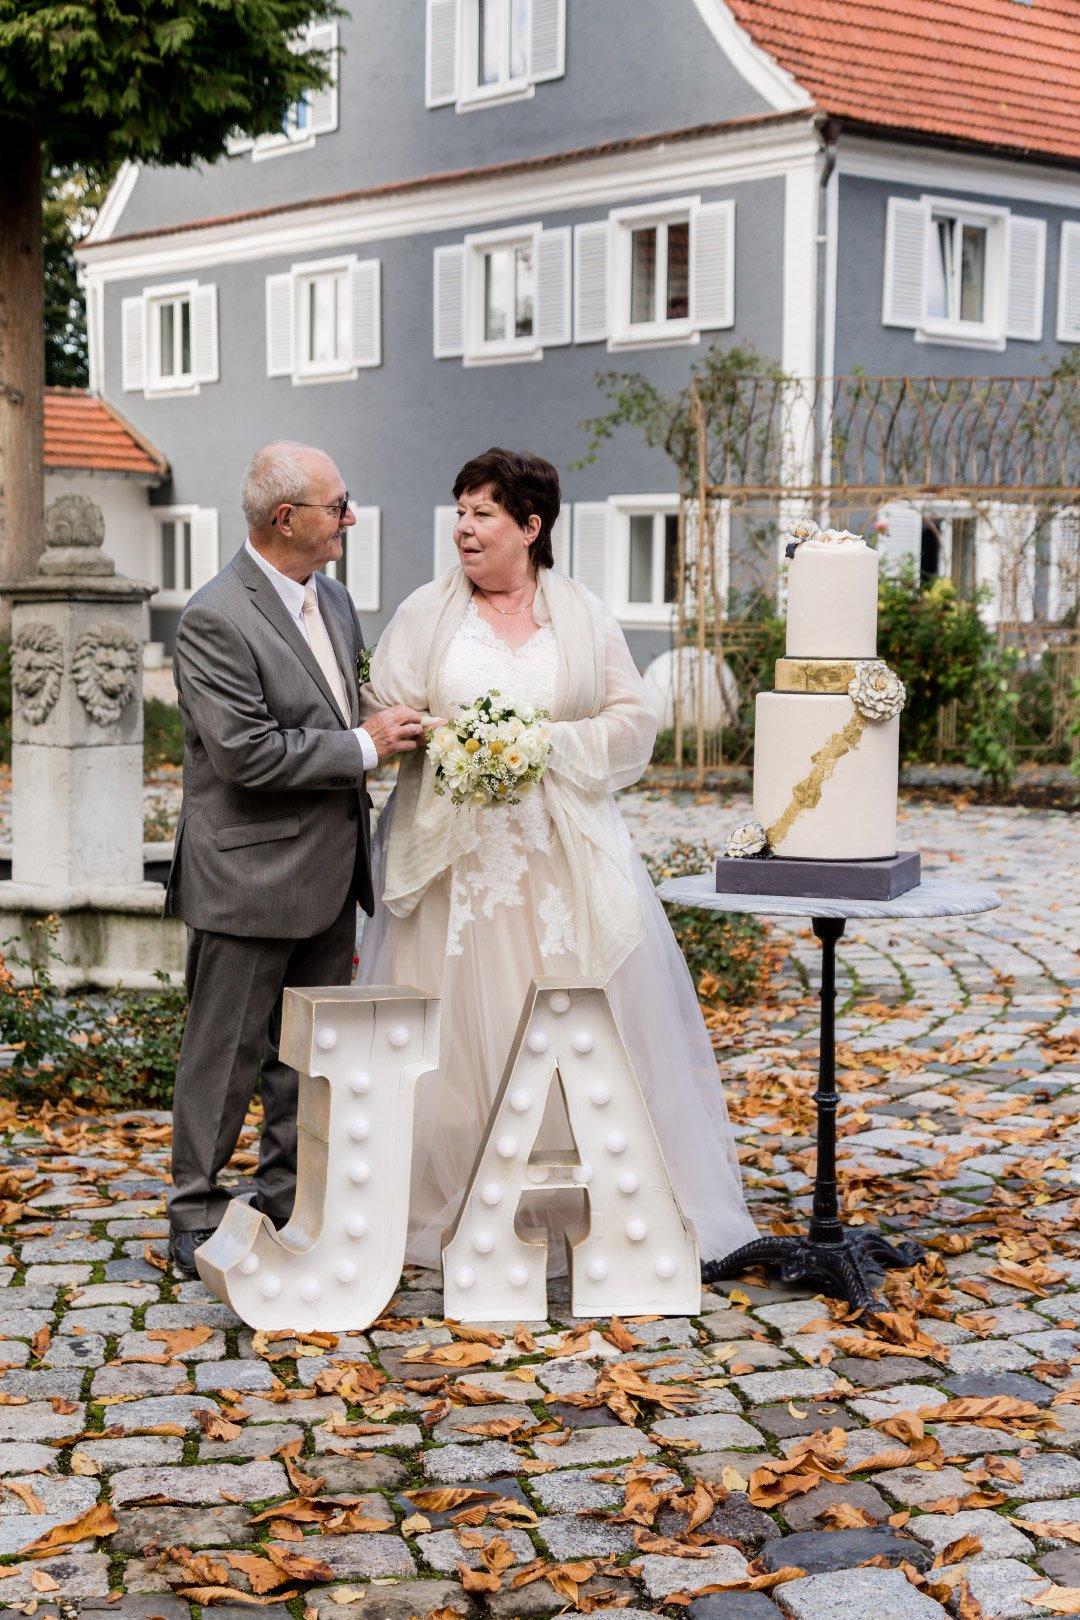 Goldene Hochzeit: After-Wedding-Fotoshooting zum 17. Hochzeitstag